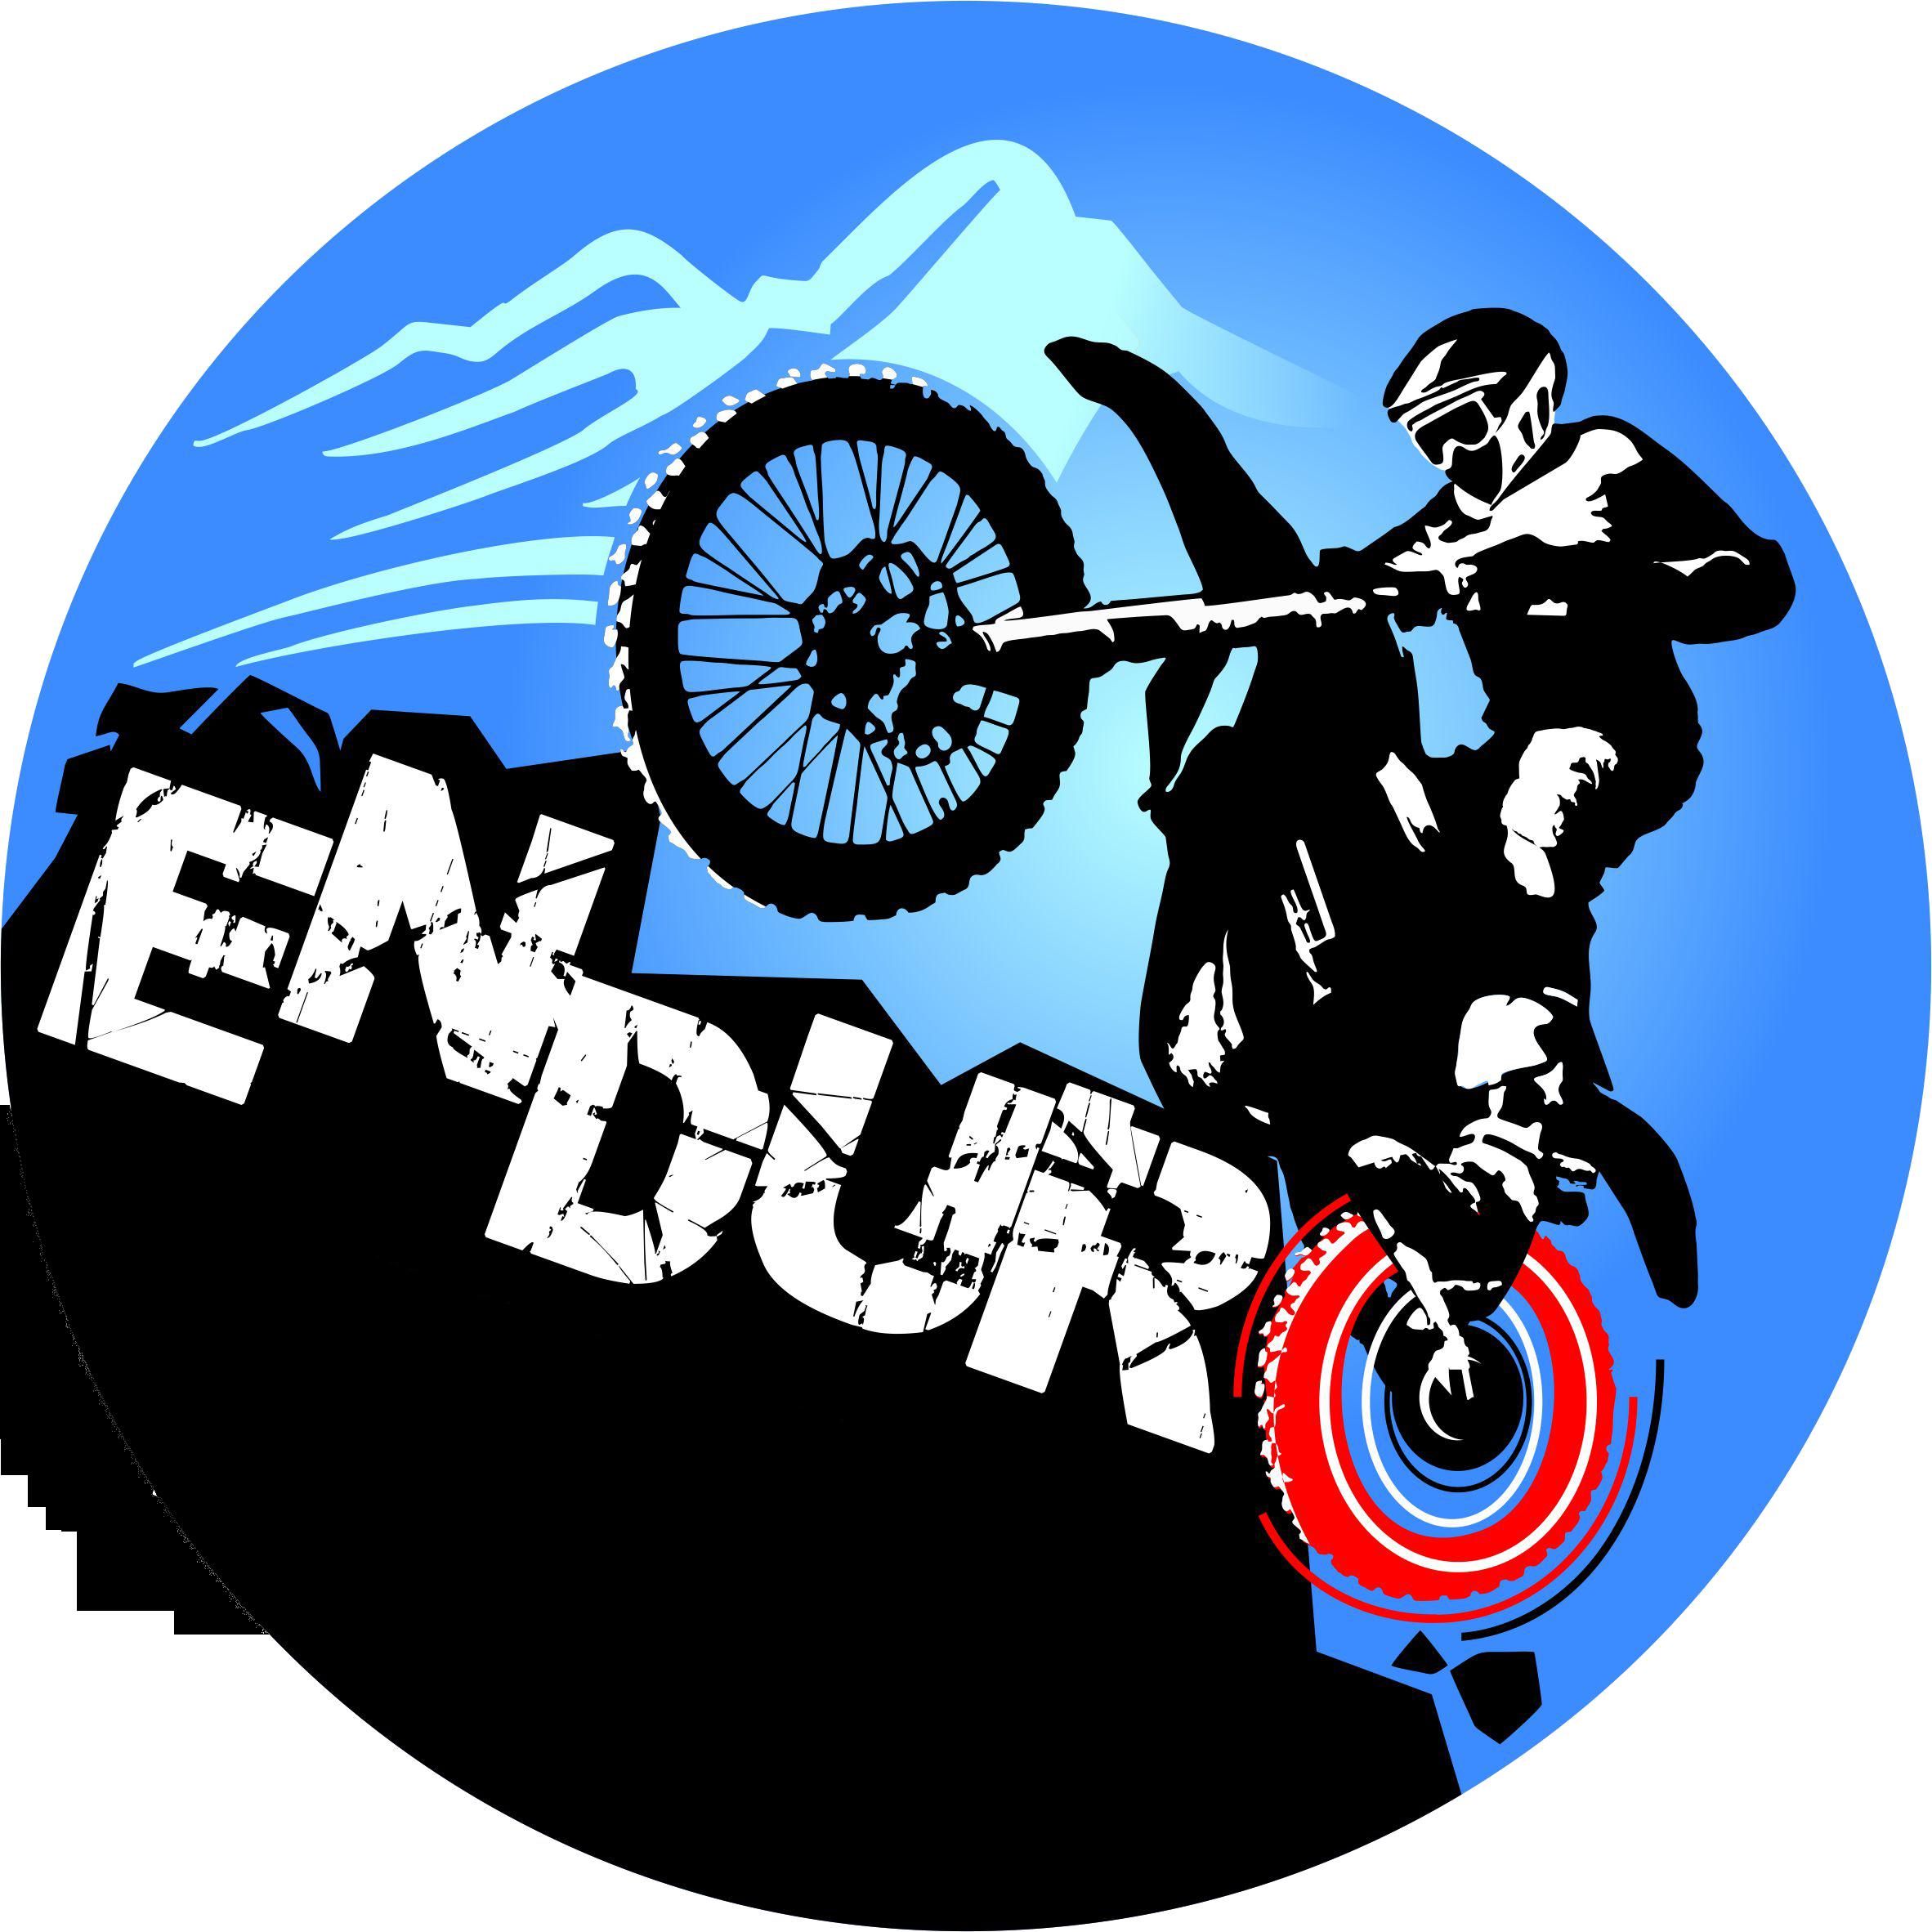 Контакты - enduro logo no title изображение